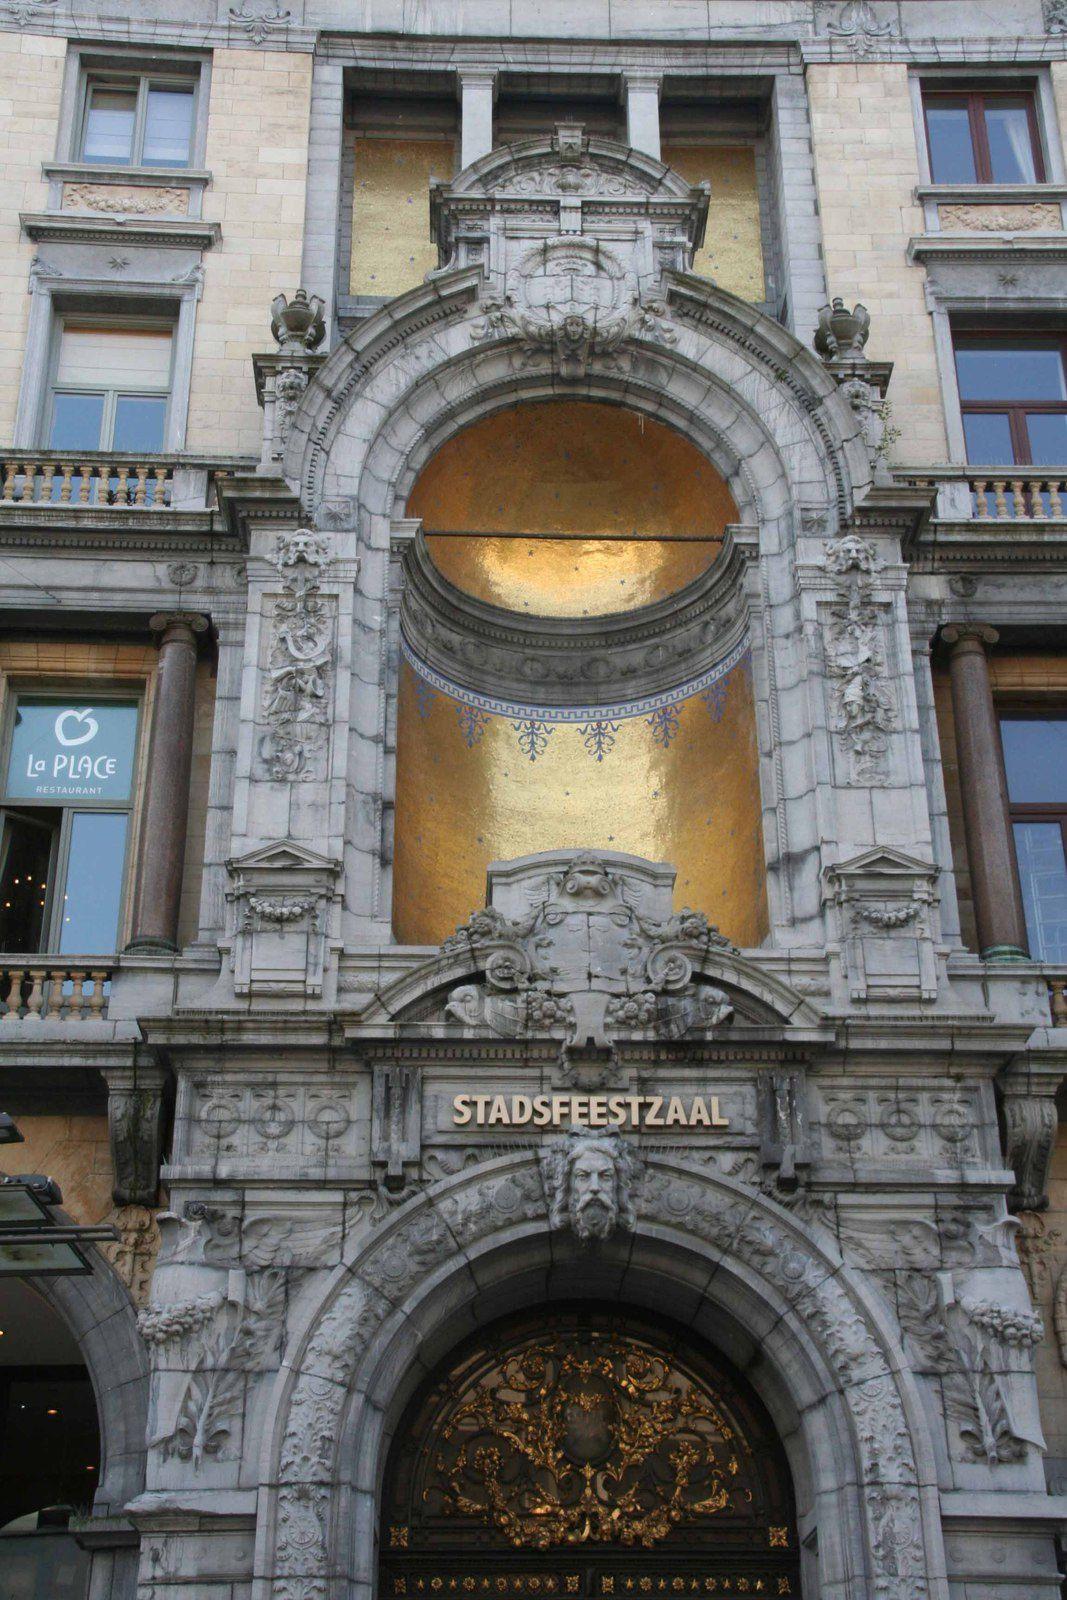 Anvers-3: l'architecture témoin de la richesse passée